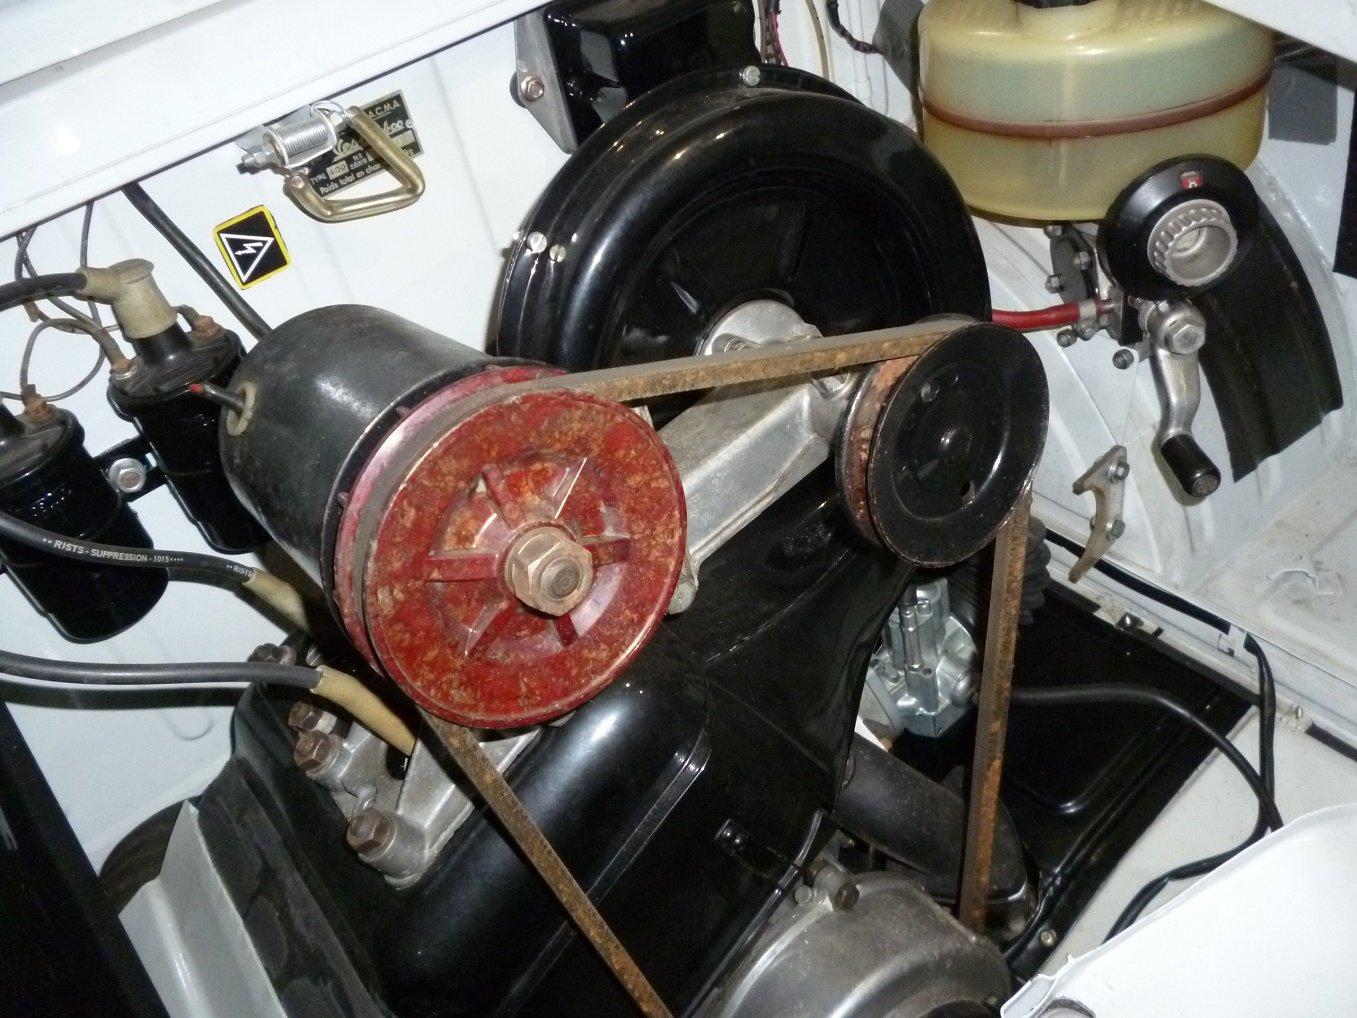 1960 Piaggio Vespa Acma 400 microcar For Sale (picture 6 of 6)